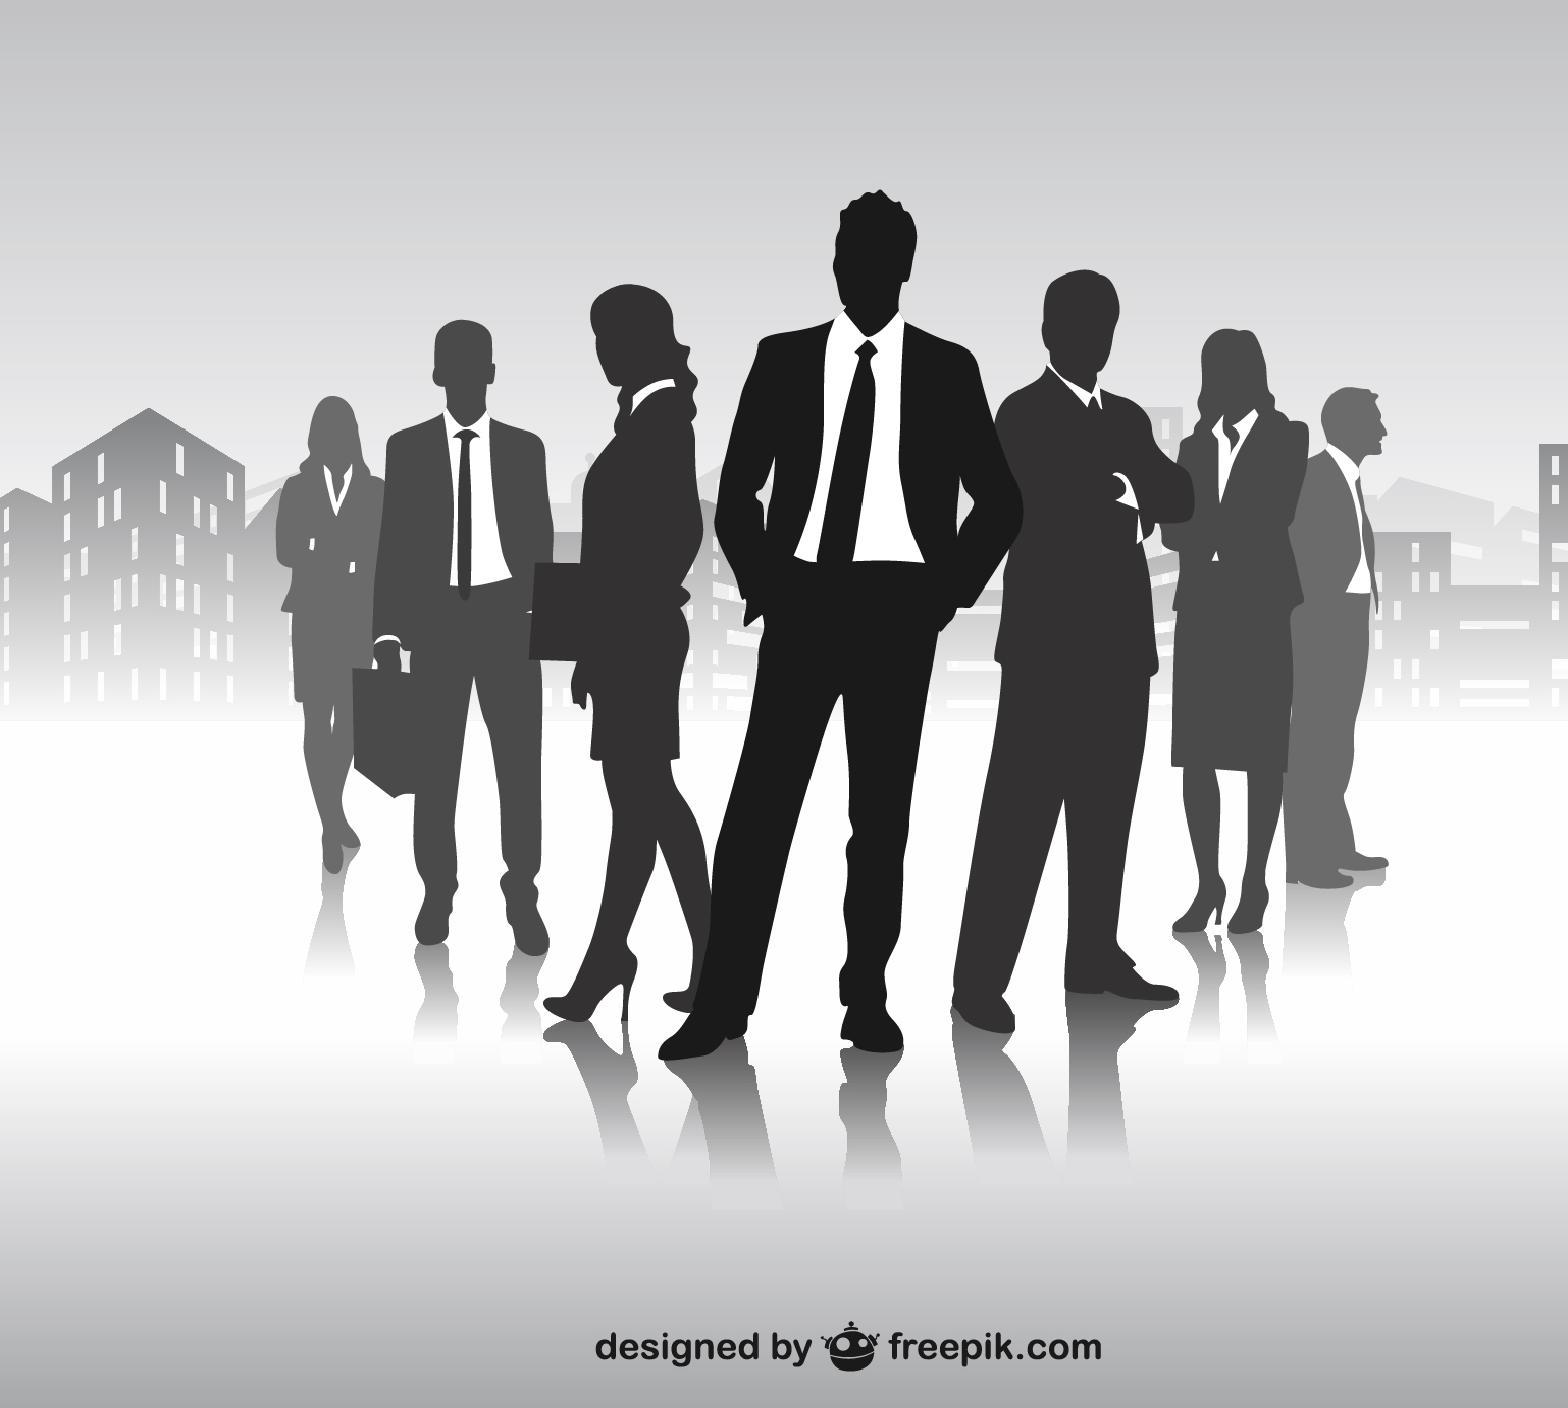 ejecutivos-mas-demandados